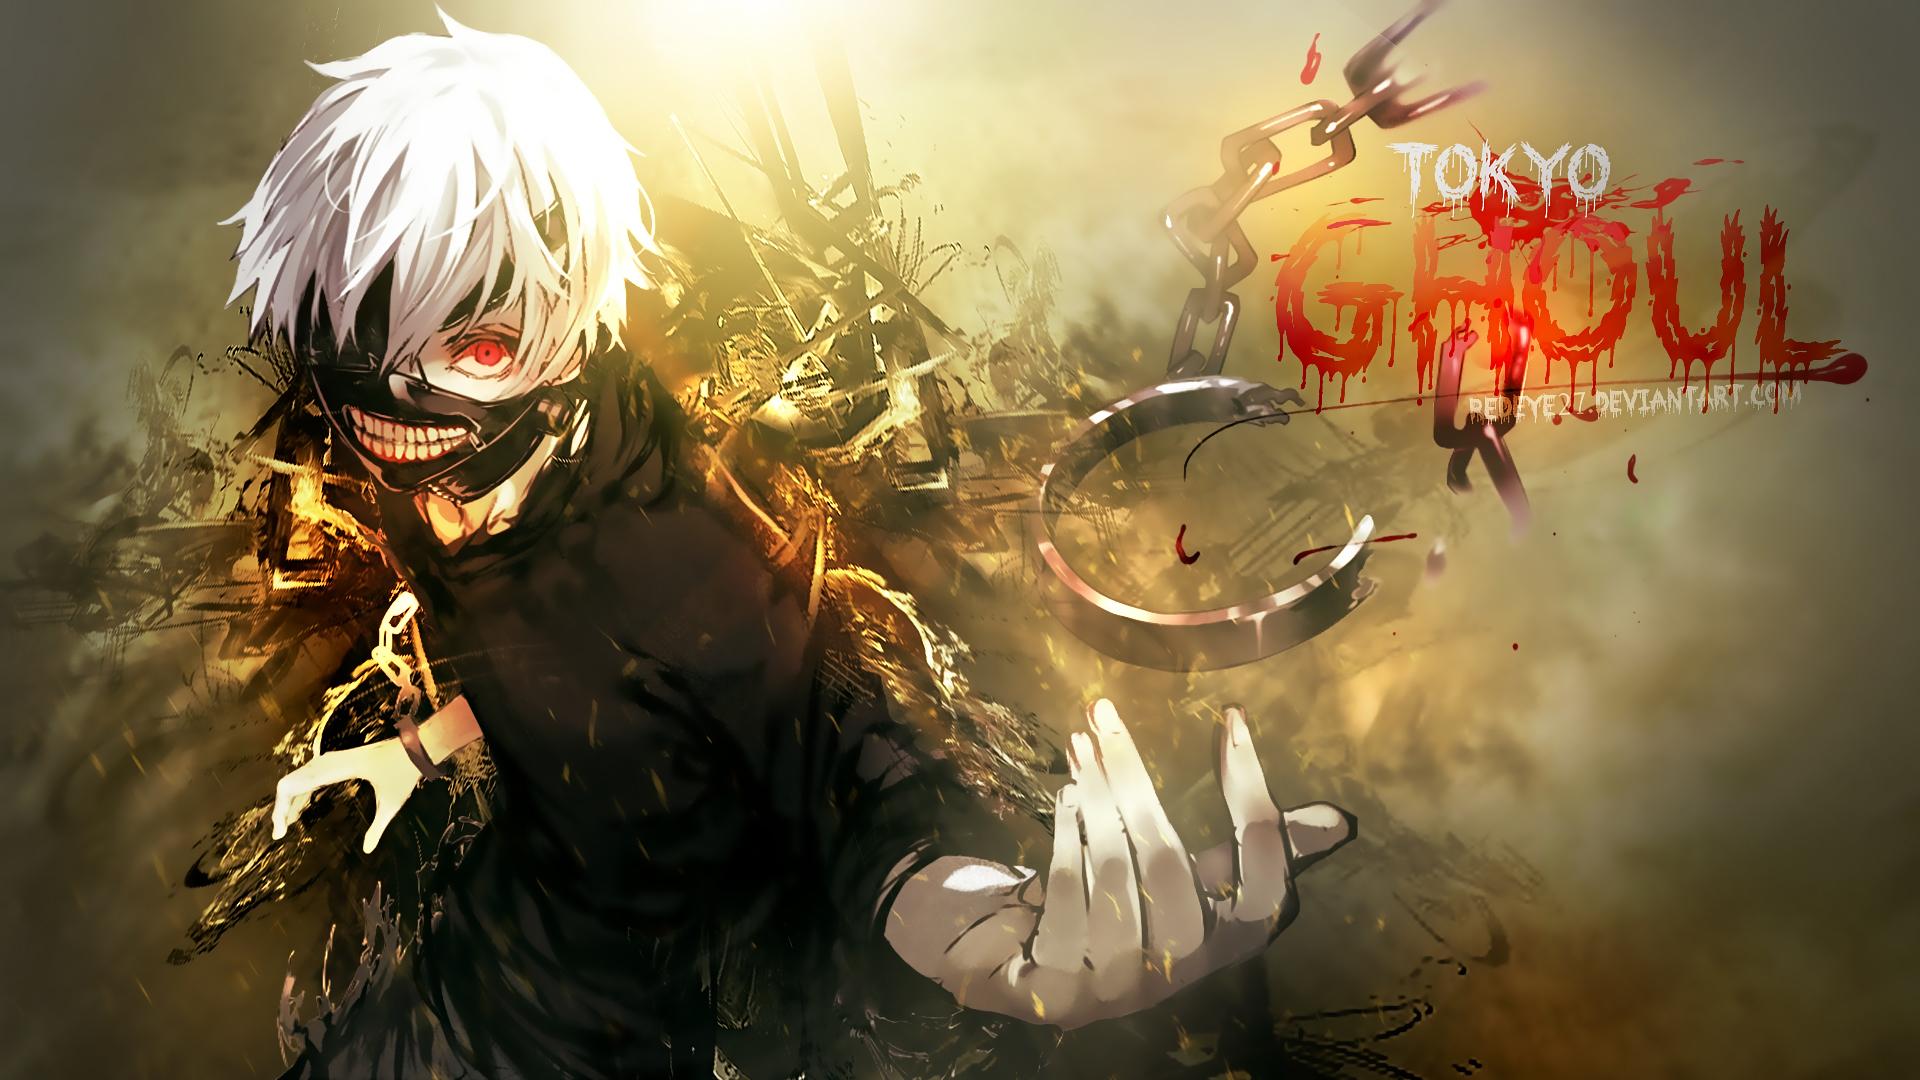 Koleksi Gambar Wallpaper Anime Tokyo Ghoul Bilik Wallpaper